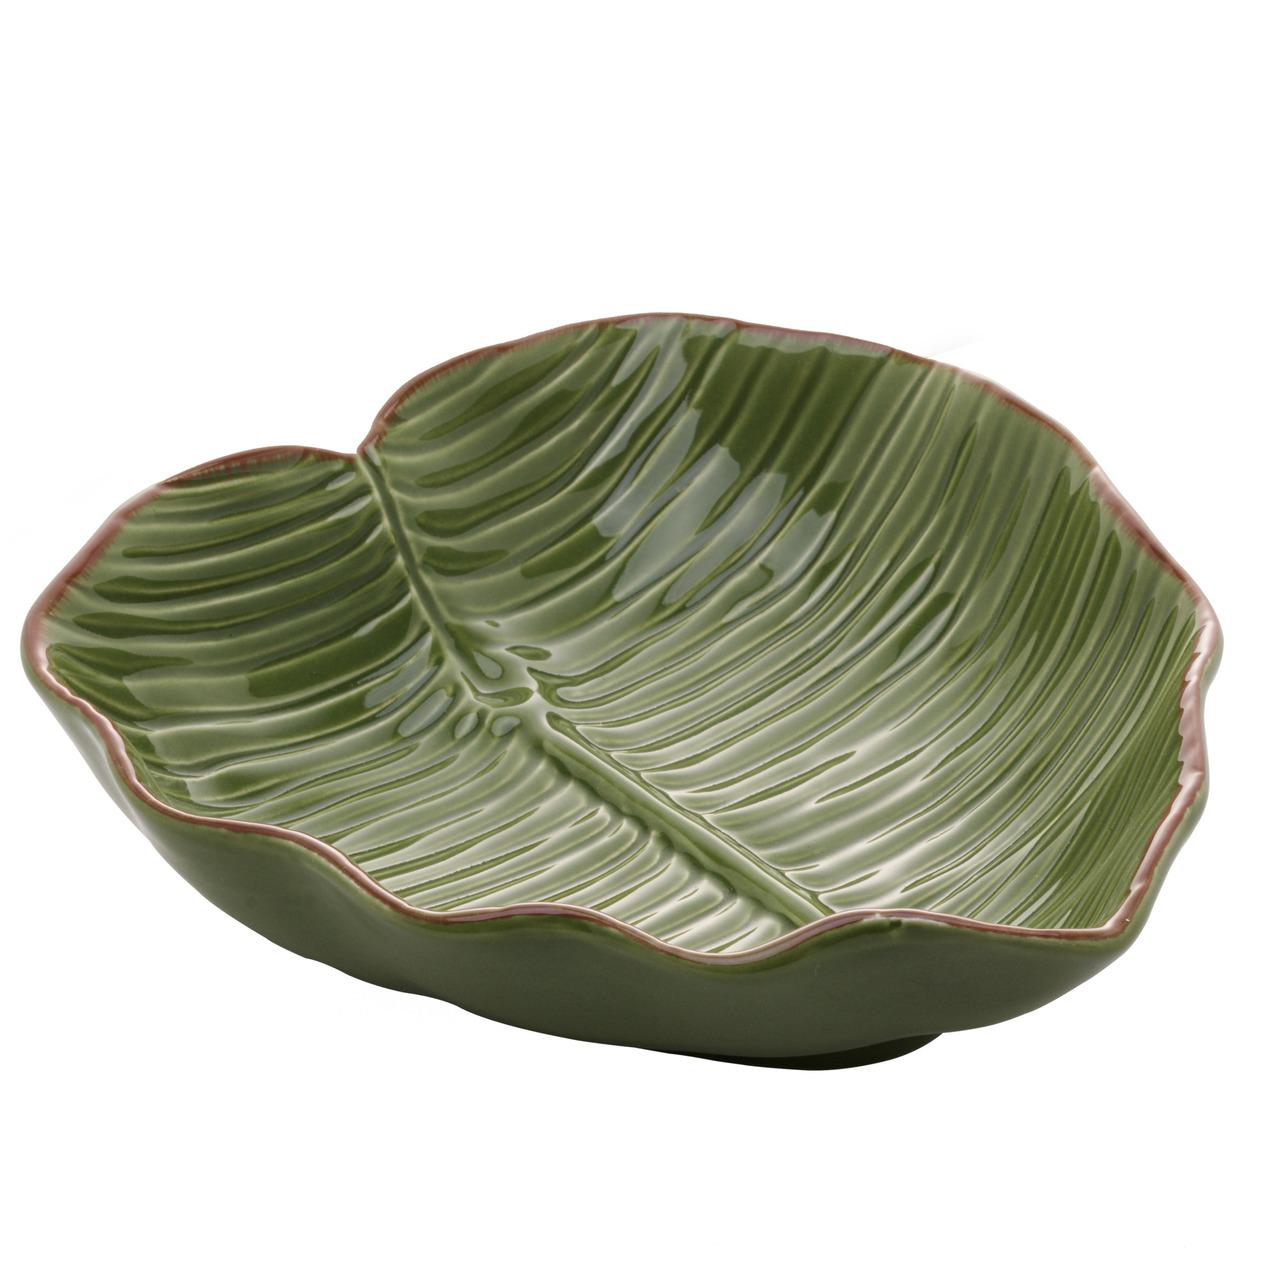 Prato decorativo 16 cm de cerâmica verde Banana Leaf Lyor - L4495